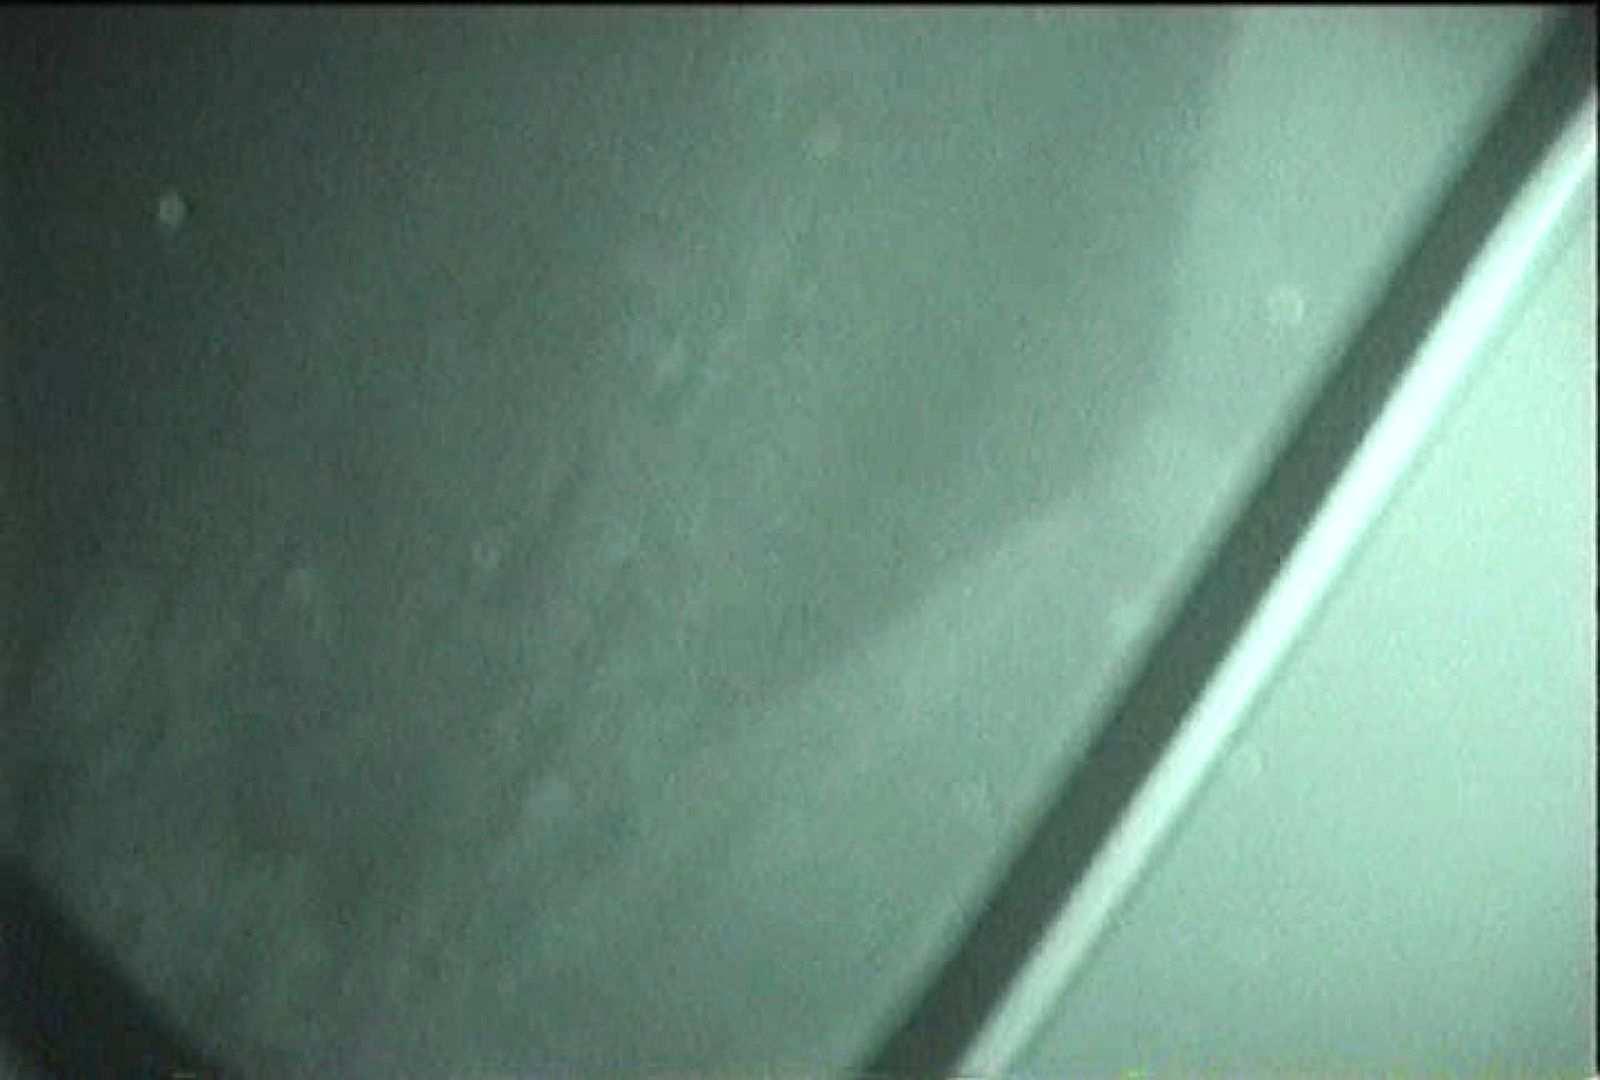 充血監督の深夜の運動会Vol.79 おまんこ | 美しいOLの裸体  91pic 43